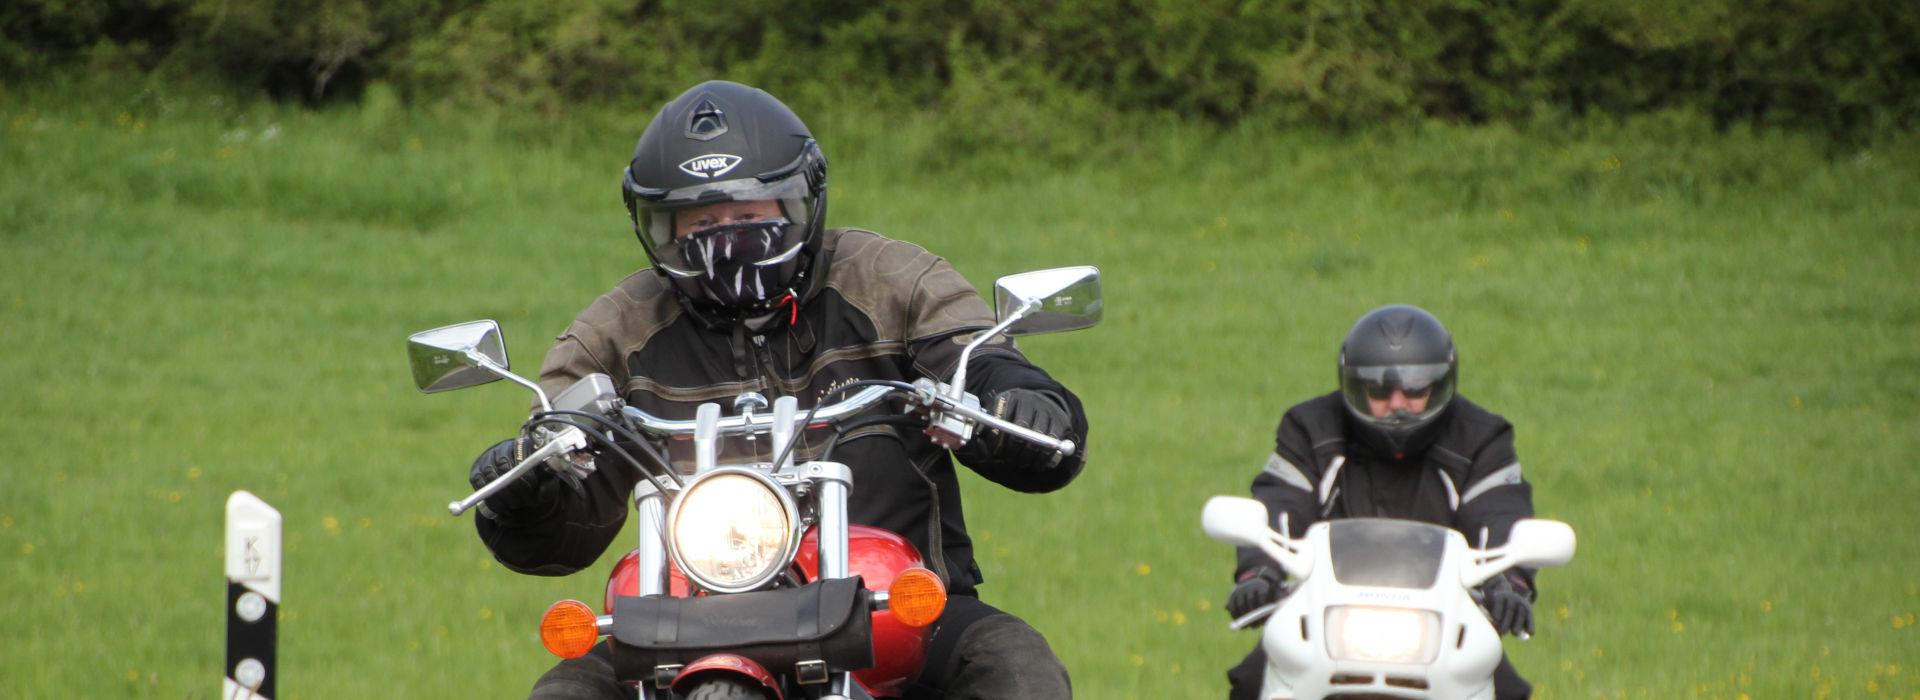 Motorrijbewijspoint Dongen motorrijlessen